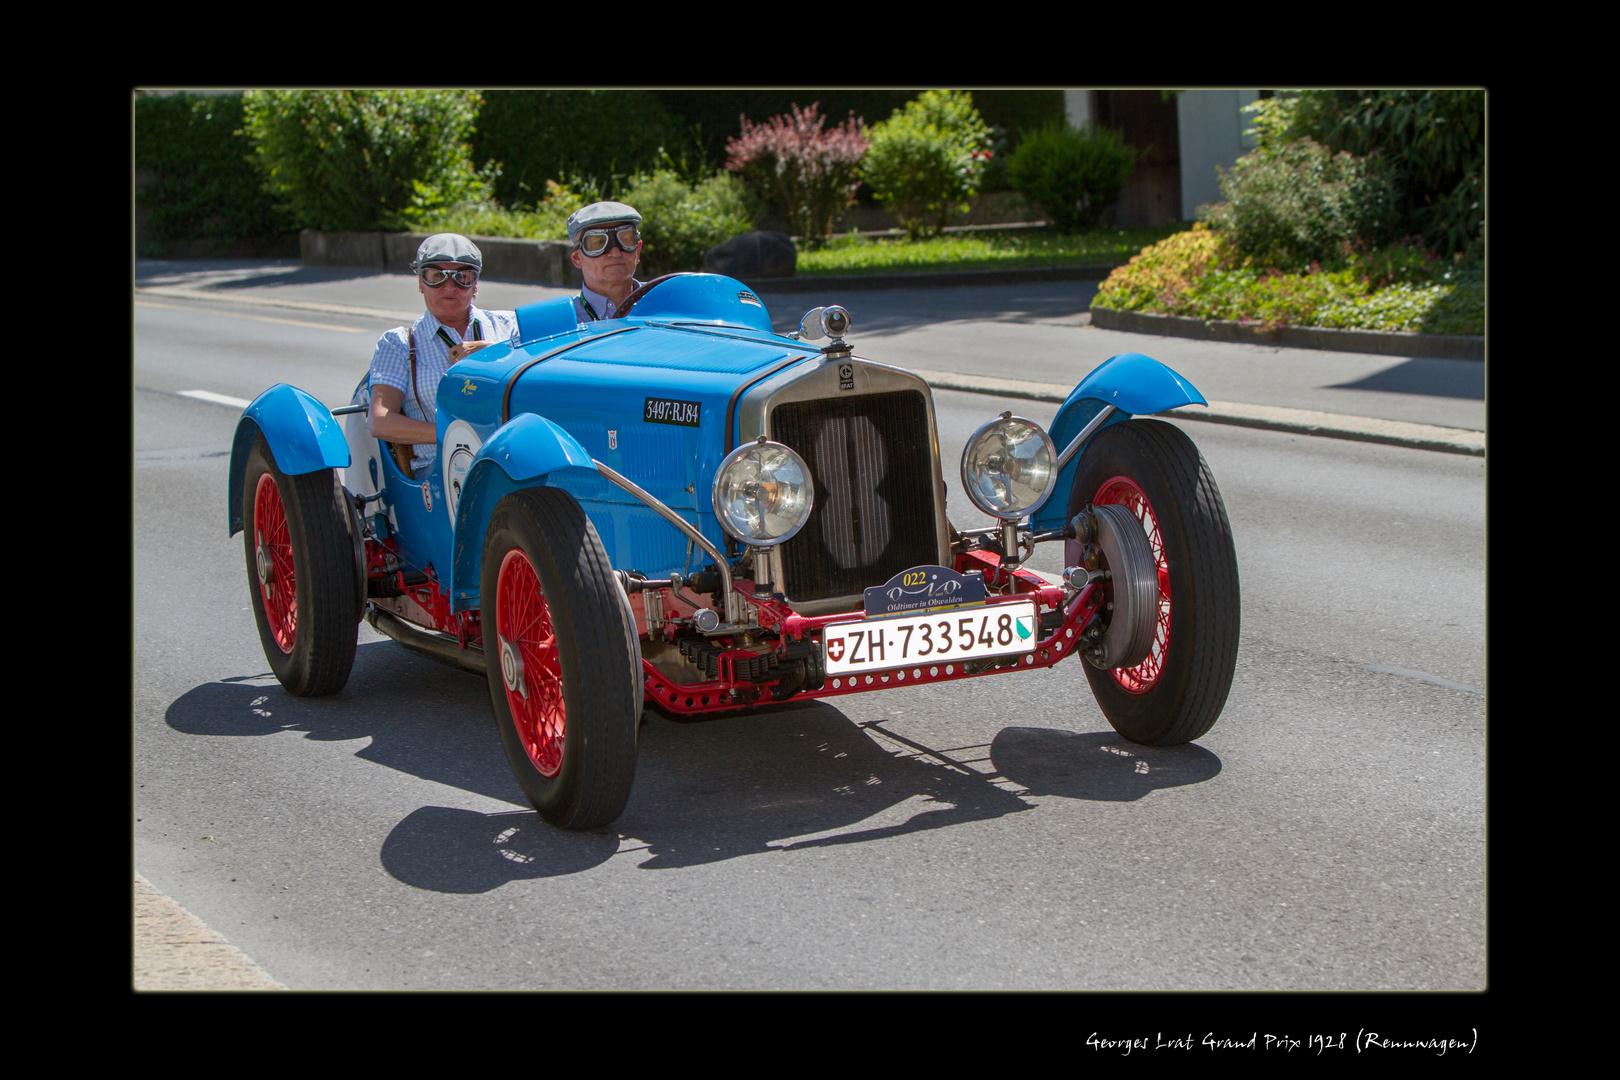 Georges Lrat Grand Prix 1928 (Rennwagen)